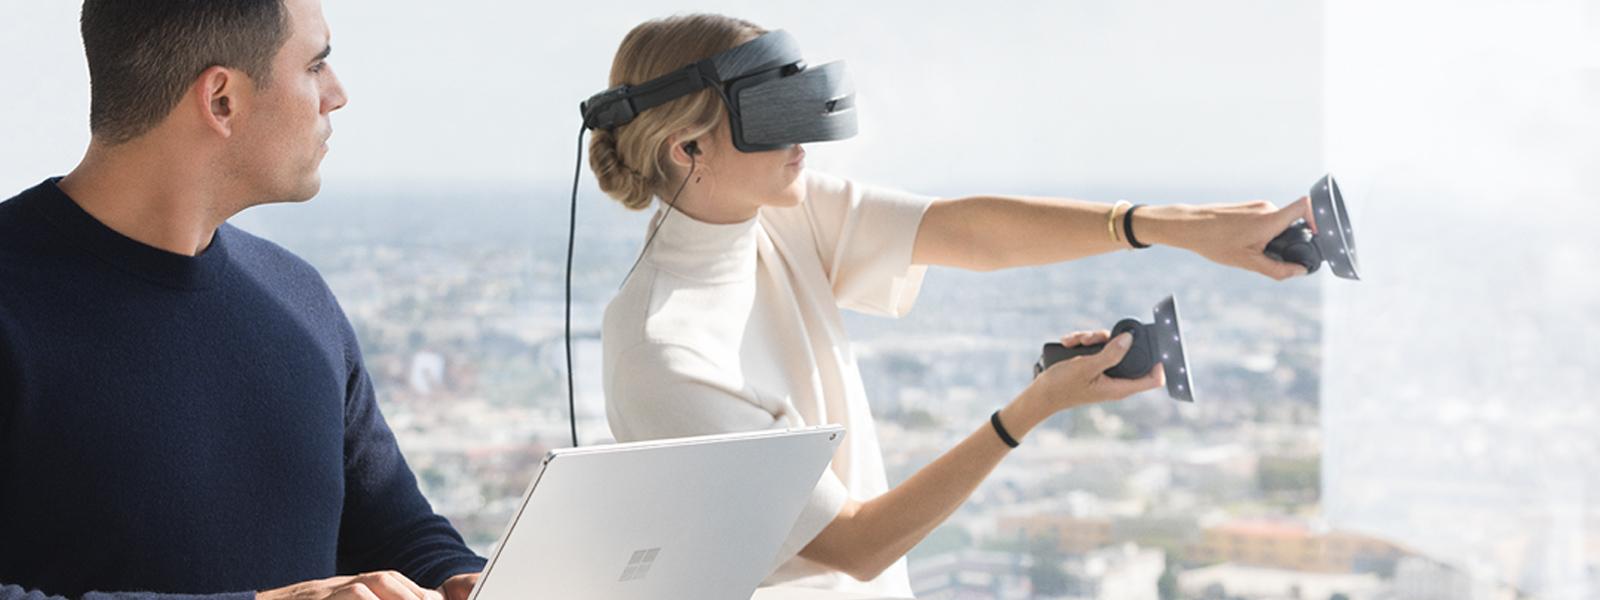 Homme utilisant un Surface Book2 et femme utilisant un casque Windows Mixed Reality avec des contrôleurs de mouvement